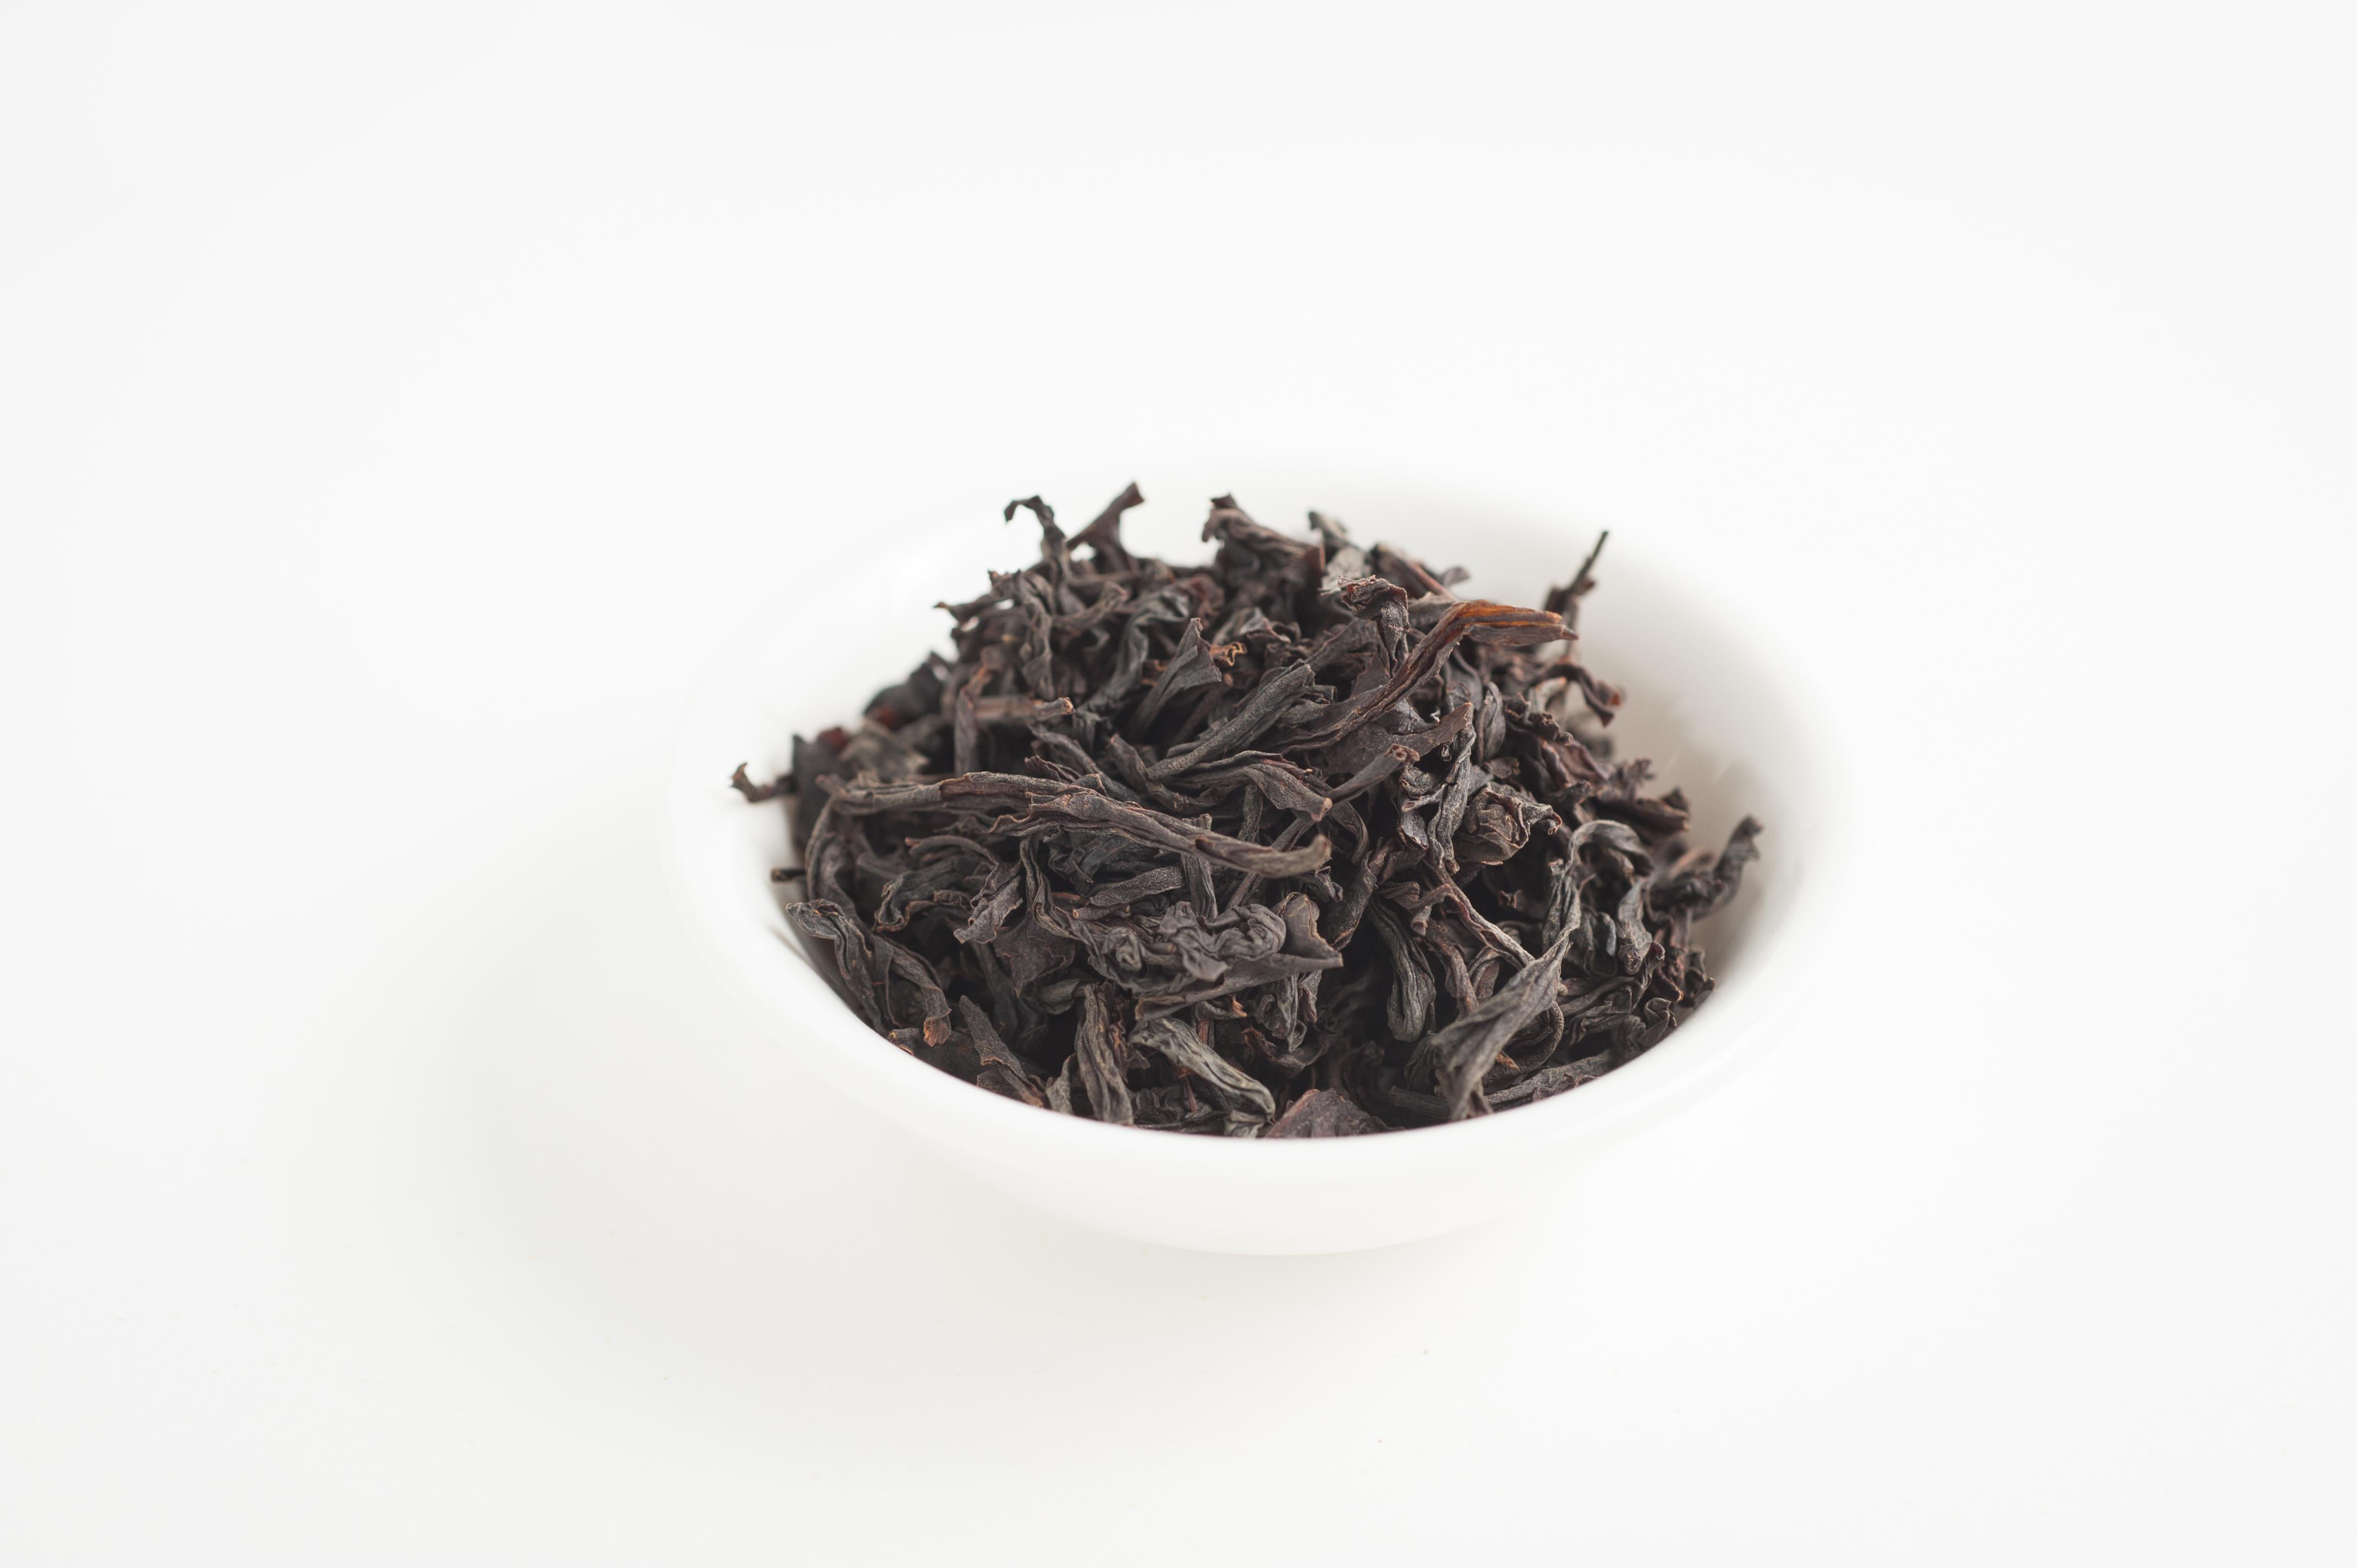 3014 Taiwan Assam Black Tea Suppliers For Tachungho - Buy